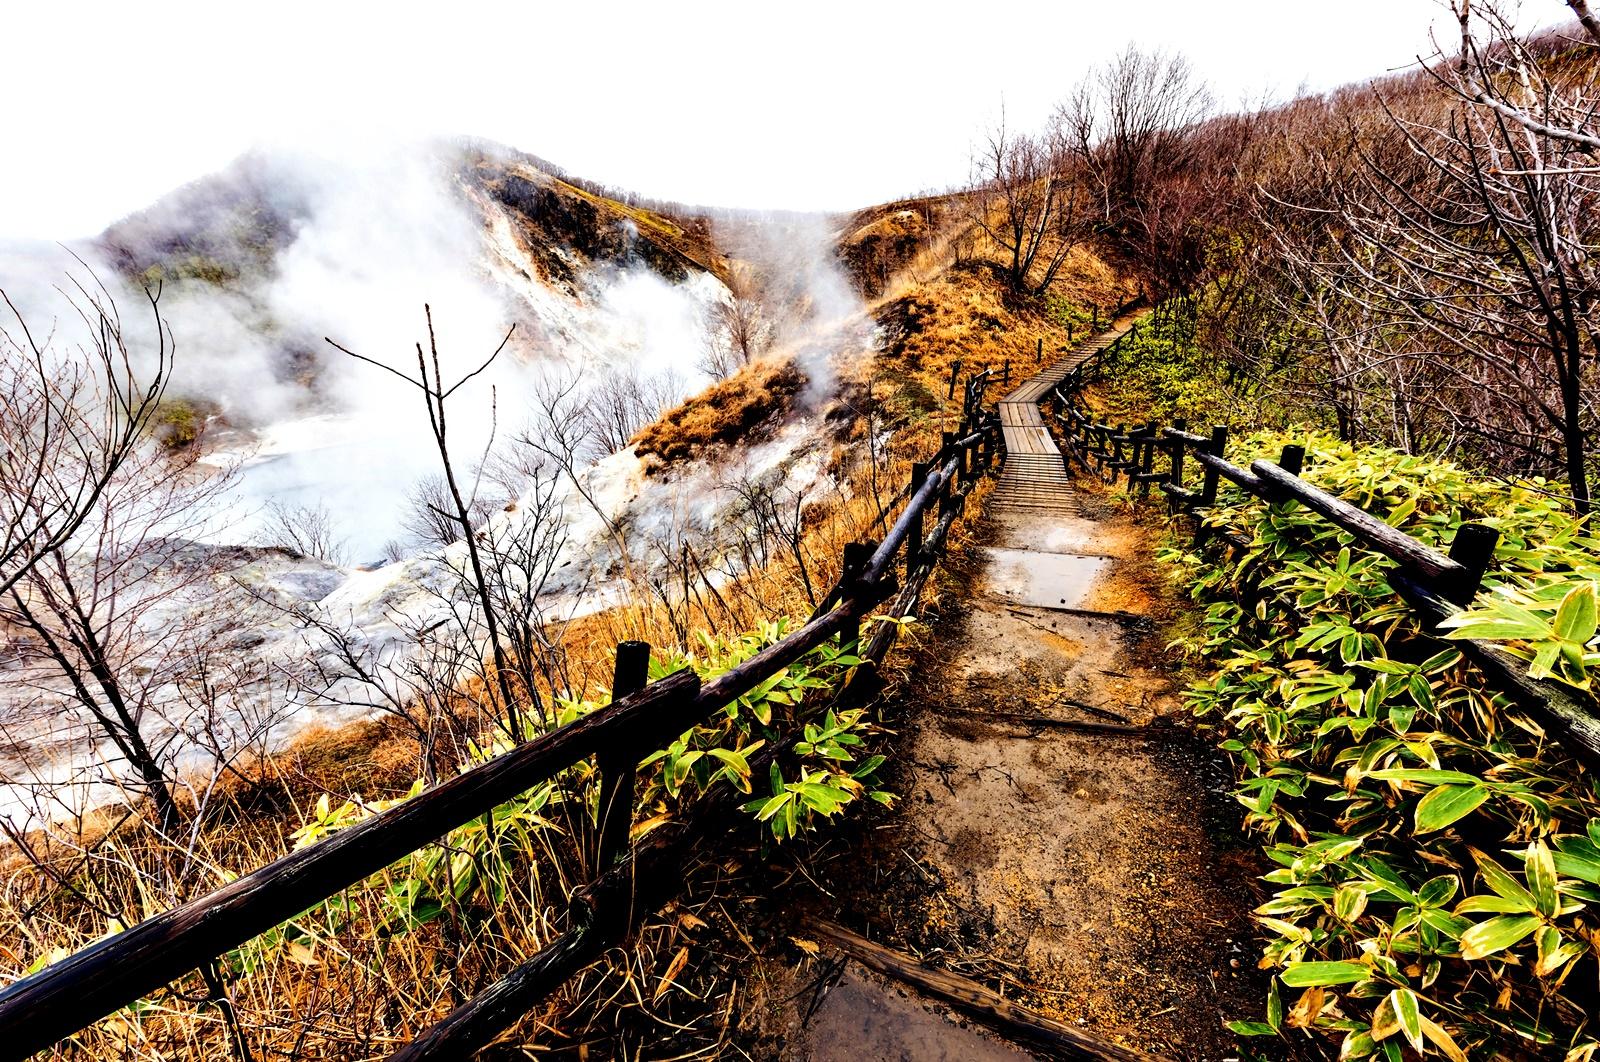 Летище Титосе о-в Хокайдо, Япония<br /> Хокайдо е най-северния остров от основните японски острови и е известен със своите горещи извори, заобиколени от снежен пейзаж. И след като това е една от основните природни дадености на острова, разбира се, може да ѝ се насладите и на летището Титосе. То разполага още и със сауна и спа, за да може удоволствието от изворите да е пълно.